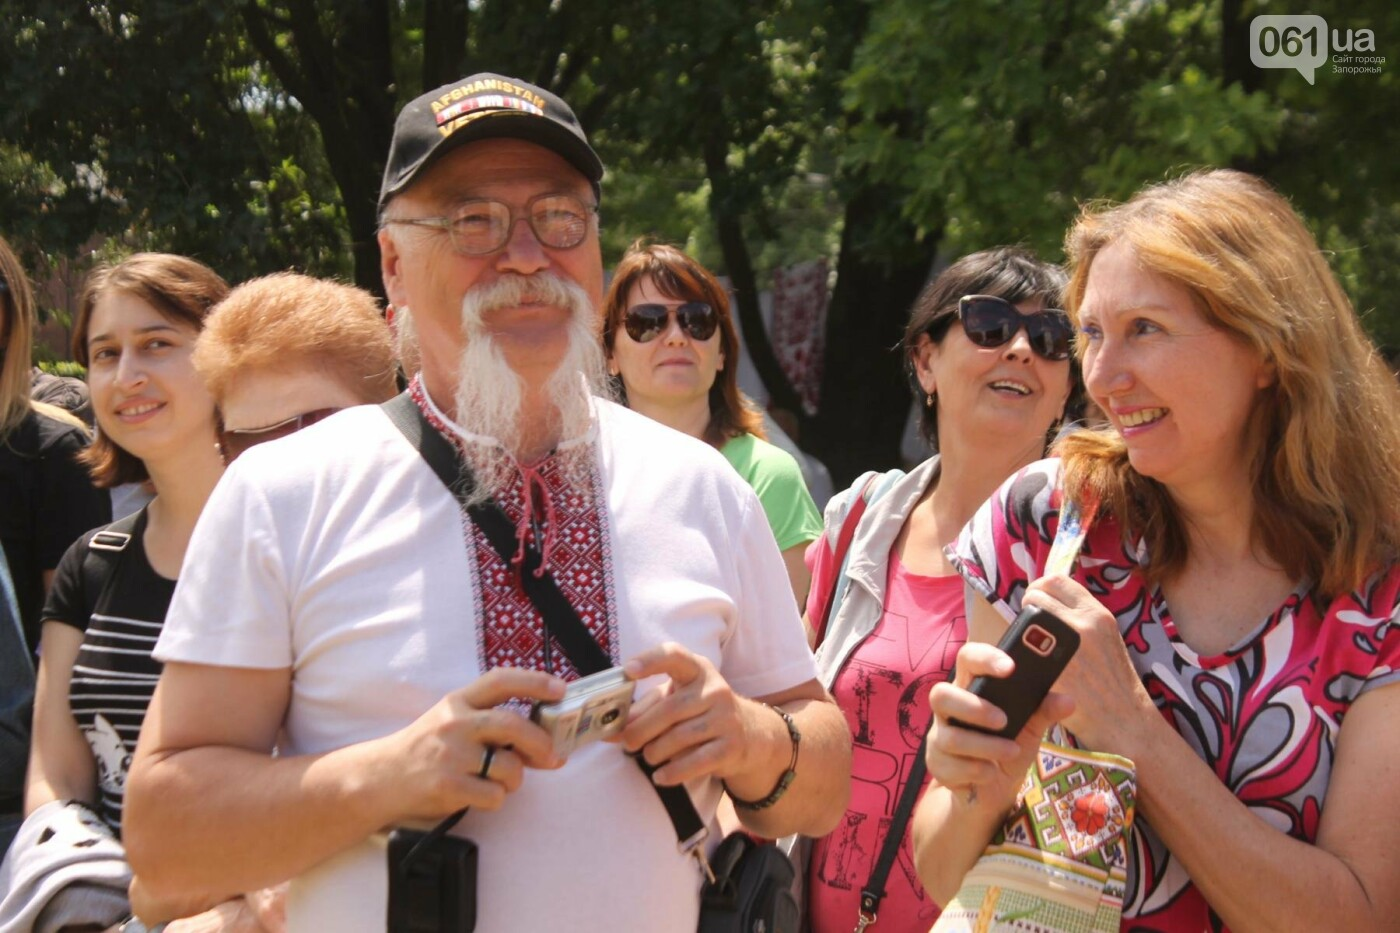 «Лава на лаву», борьба на поясах и ярмарка вышиванок: как в Запорожье прошли всеукраинские казацкие игры, – ФОТОРЕПОРТАЖ, фото-36